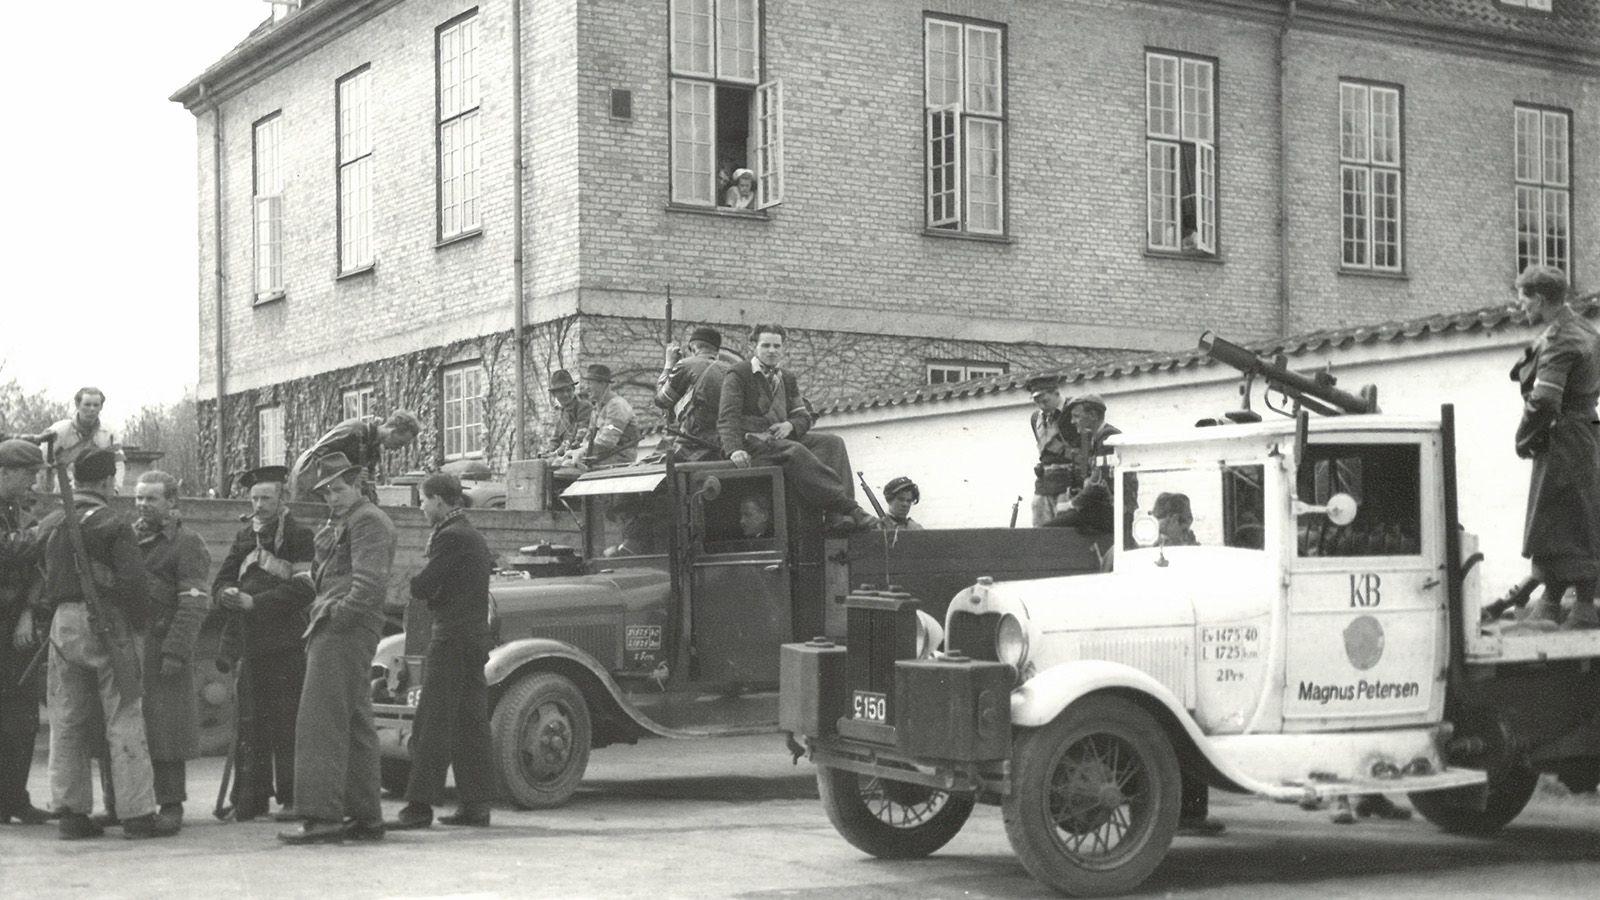 Byvandring – Besættelsen i Holbæk